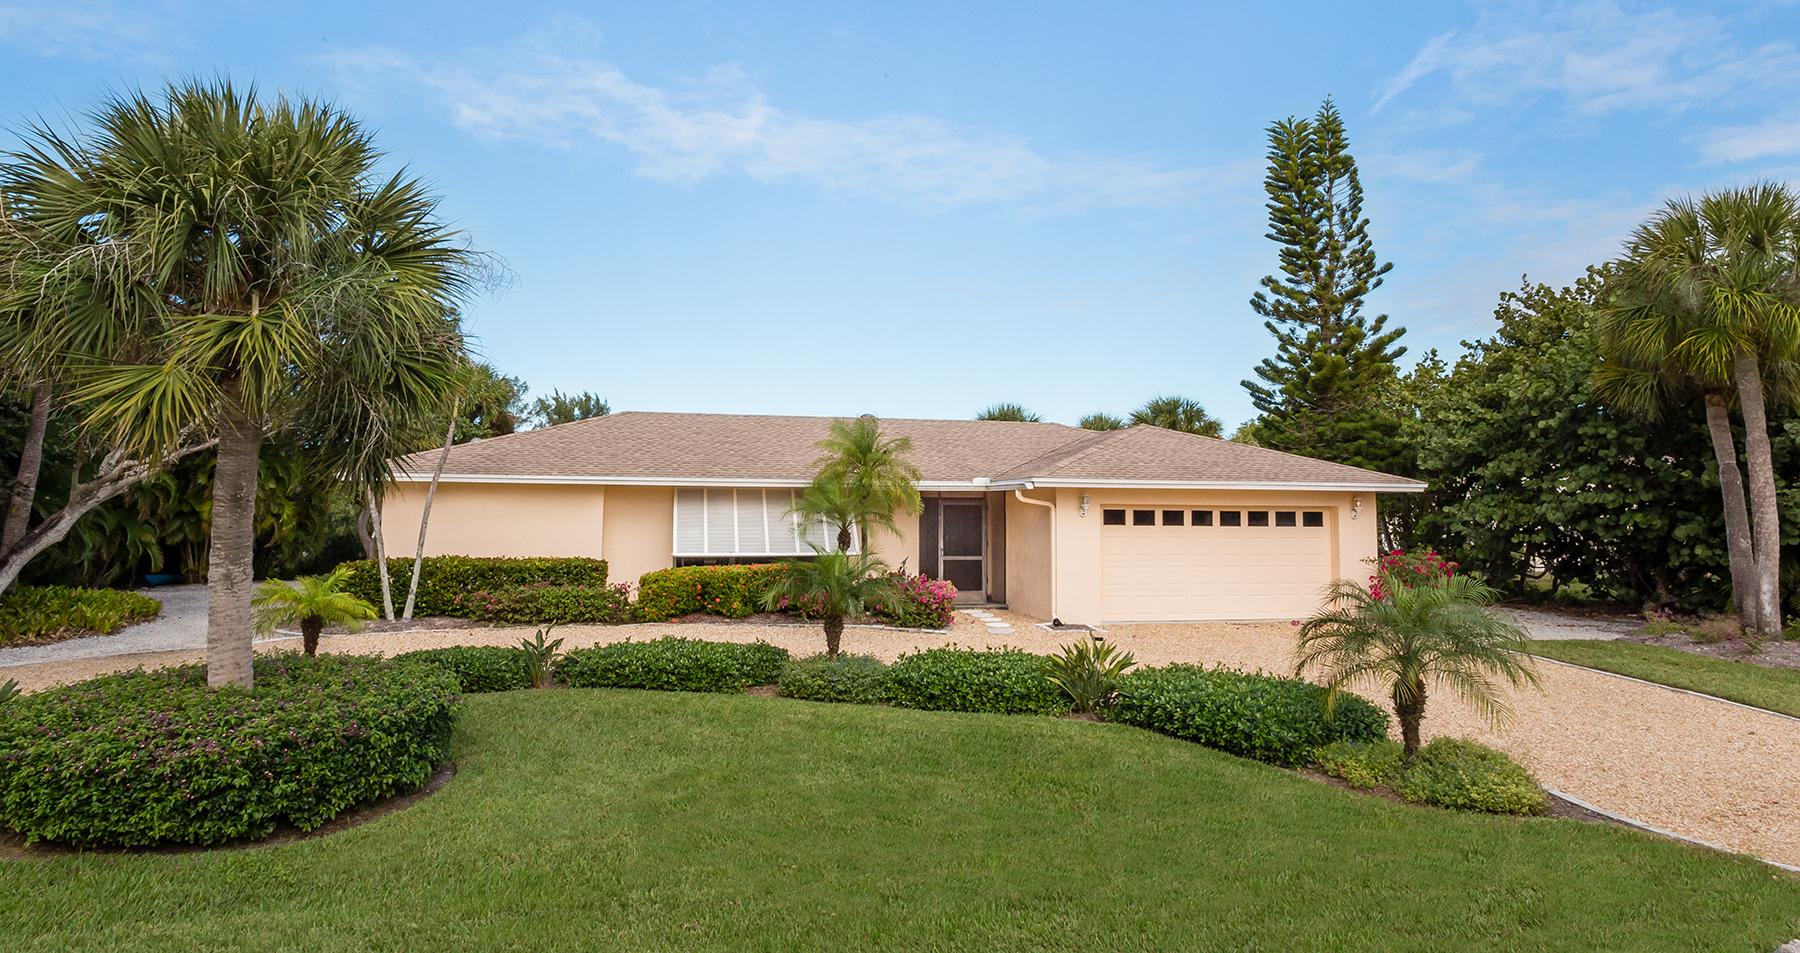 独户住宅 为 销售 在 SANIBEL 677 Durion Ct 撒你贝尔, 佛罗里达州, 33957 美国